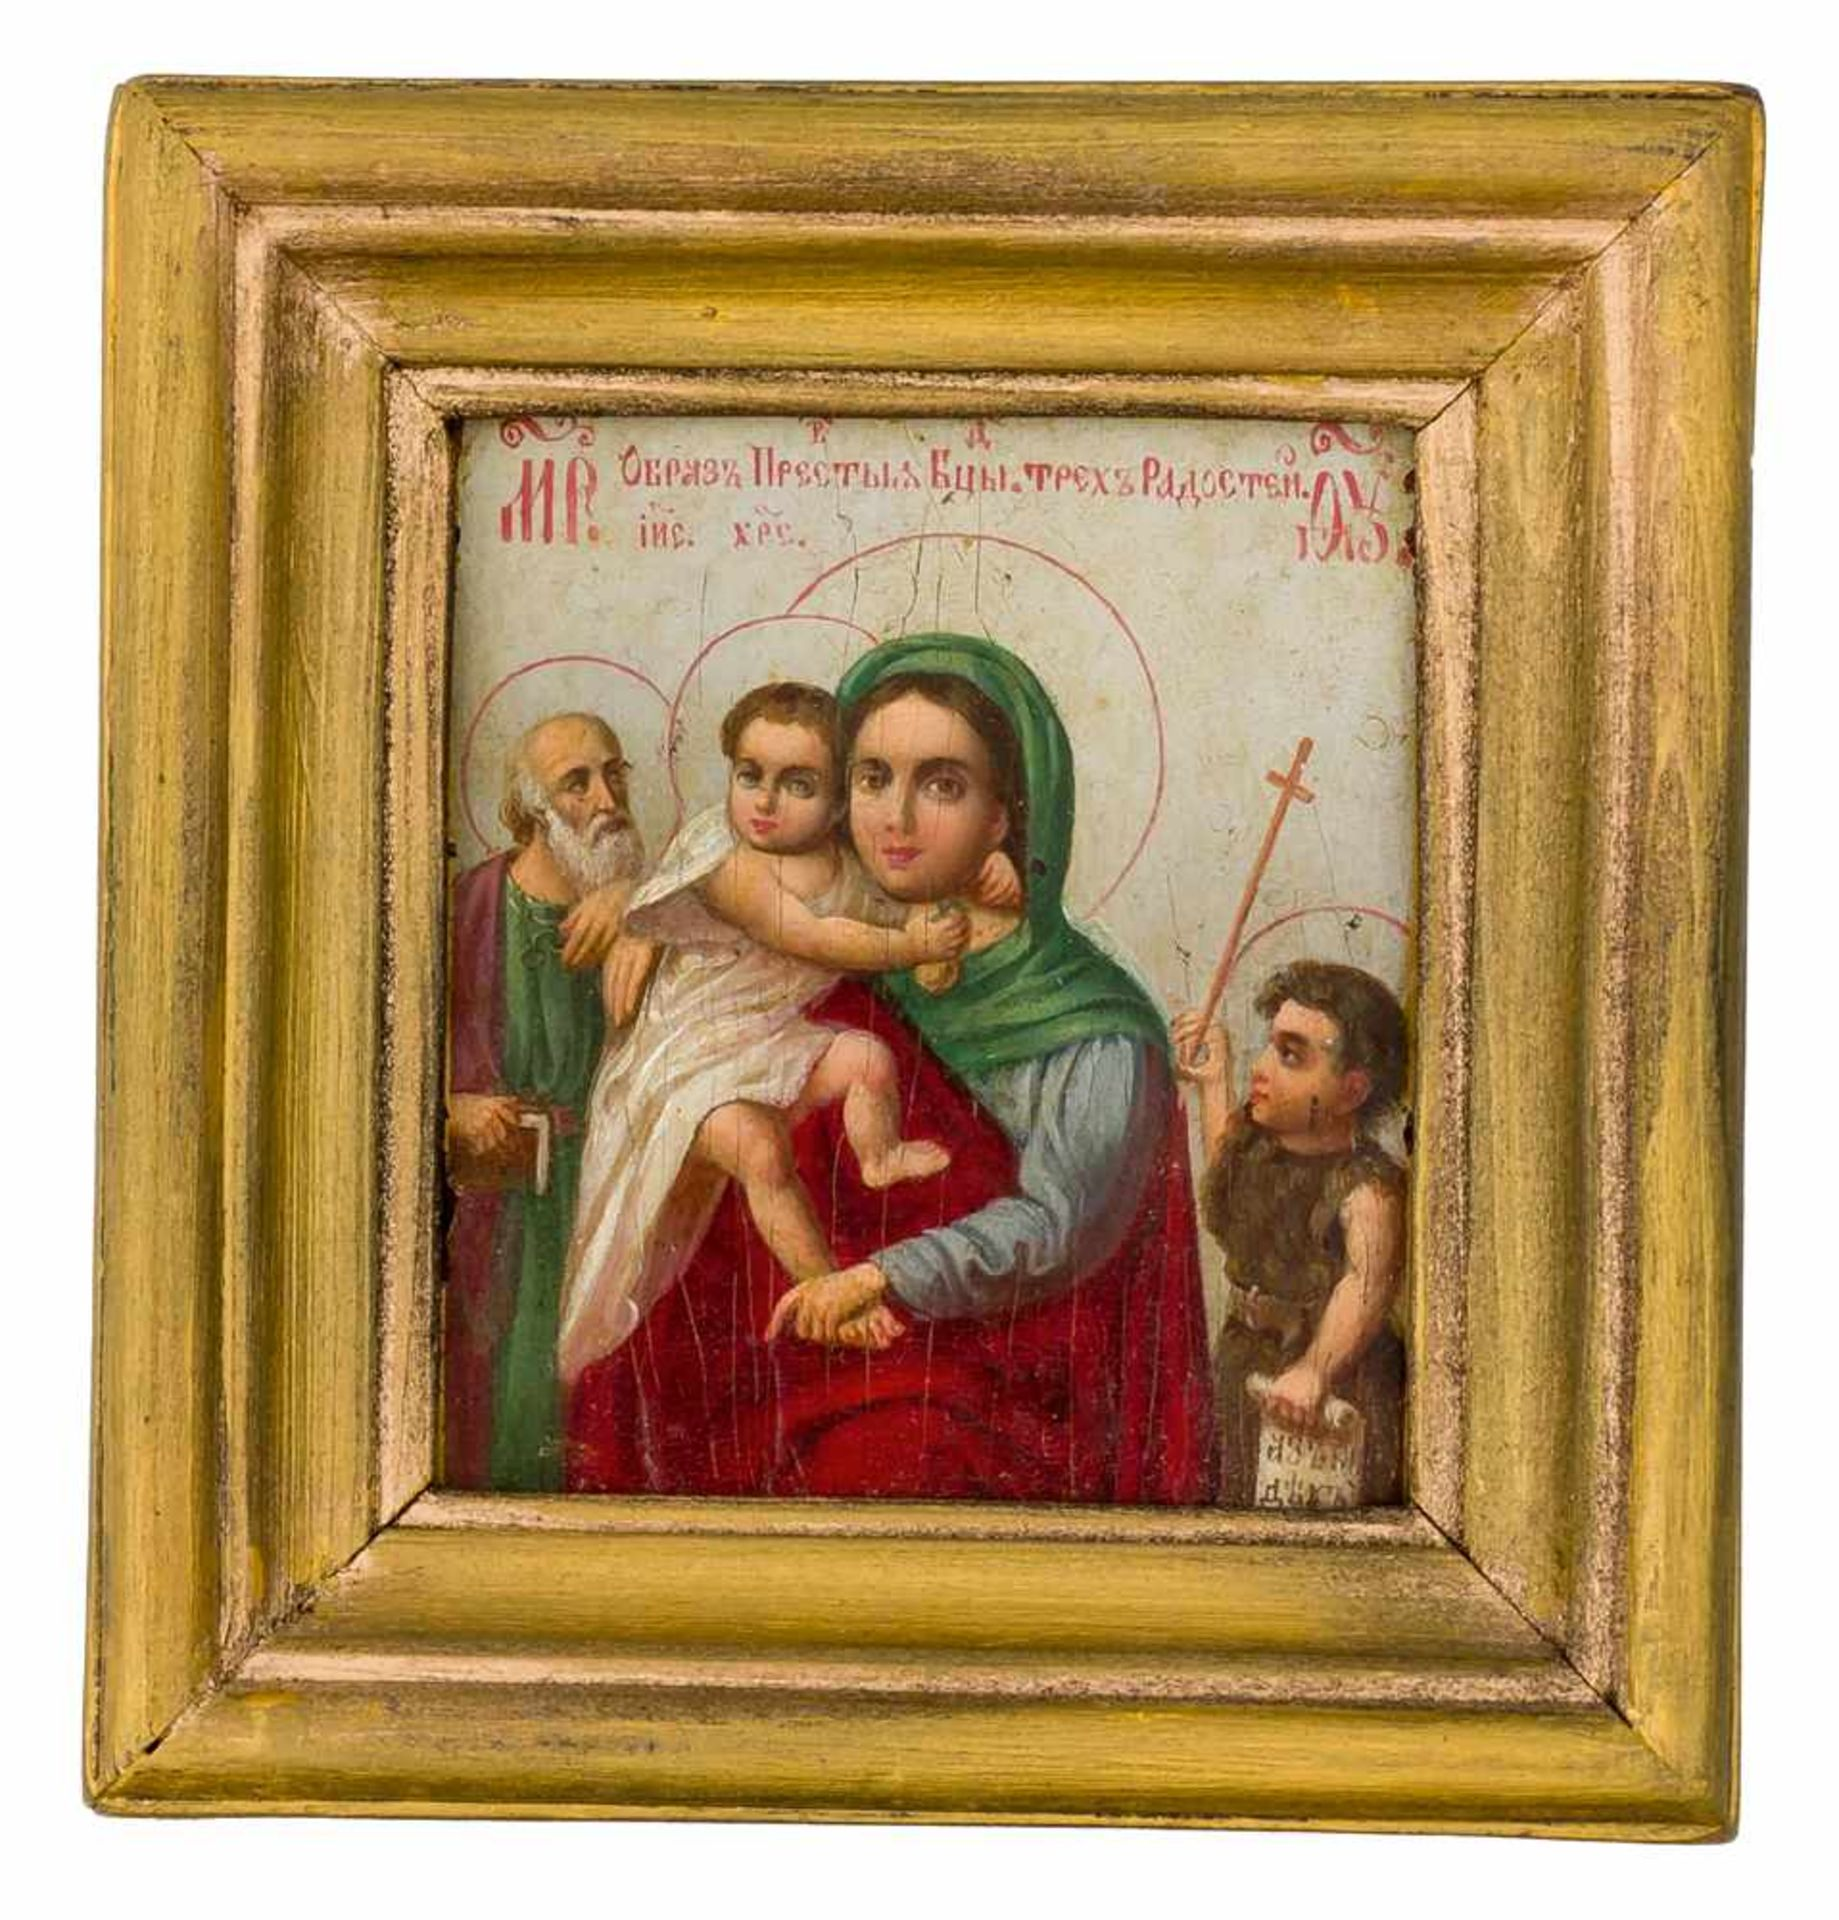 """*Gottesmutter """"Bürgin für die Sünder"""" und Hl. Familie Russische Ikonen, spätes 19. Jh. 17,8 x 13,3 - Bild 3 aus 4"""